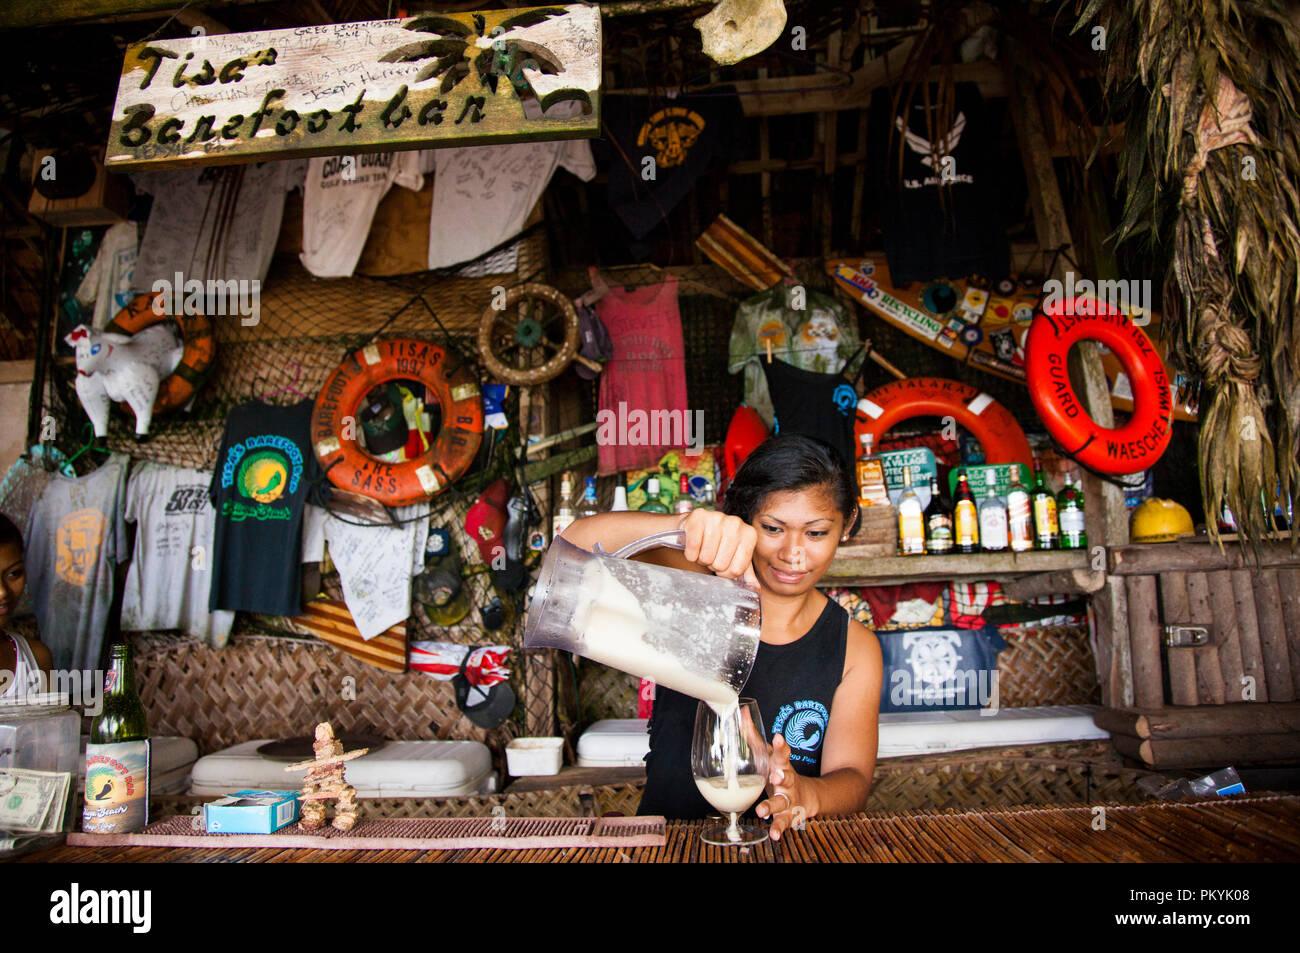 Cocktails frais dans les décisions à l'Tisa Barefoot Bar, American Samoa. Banque D'Images